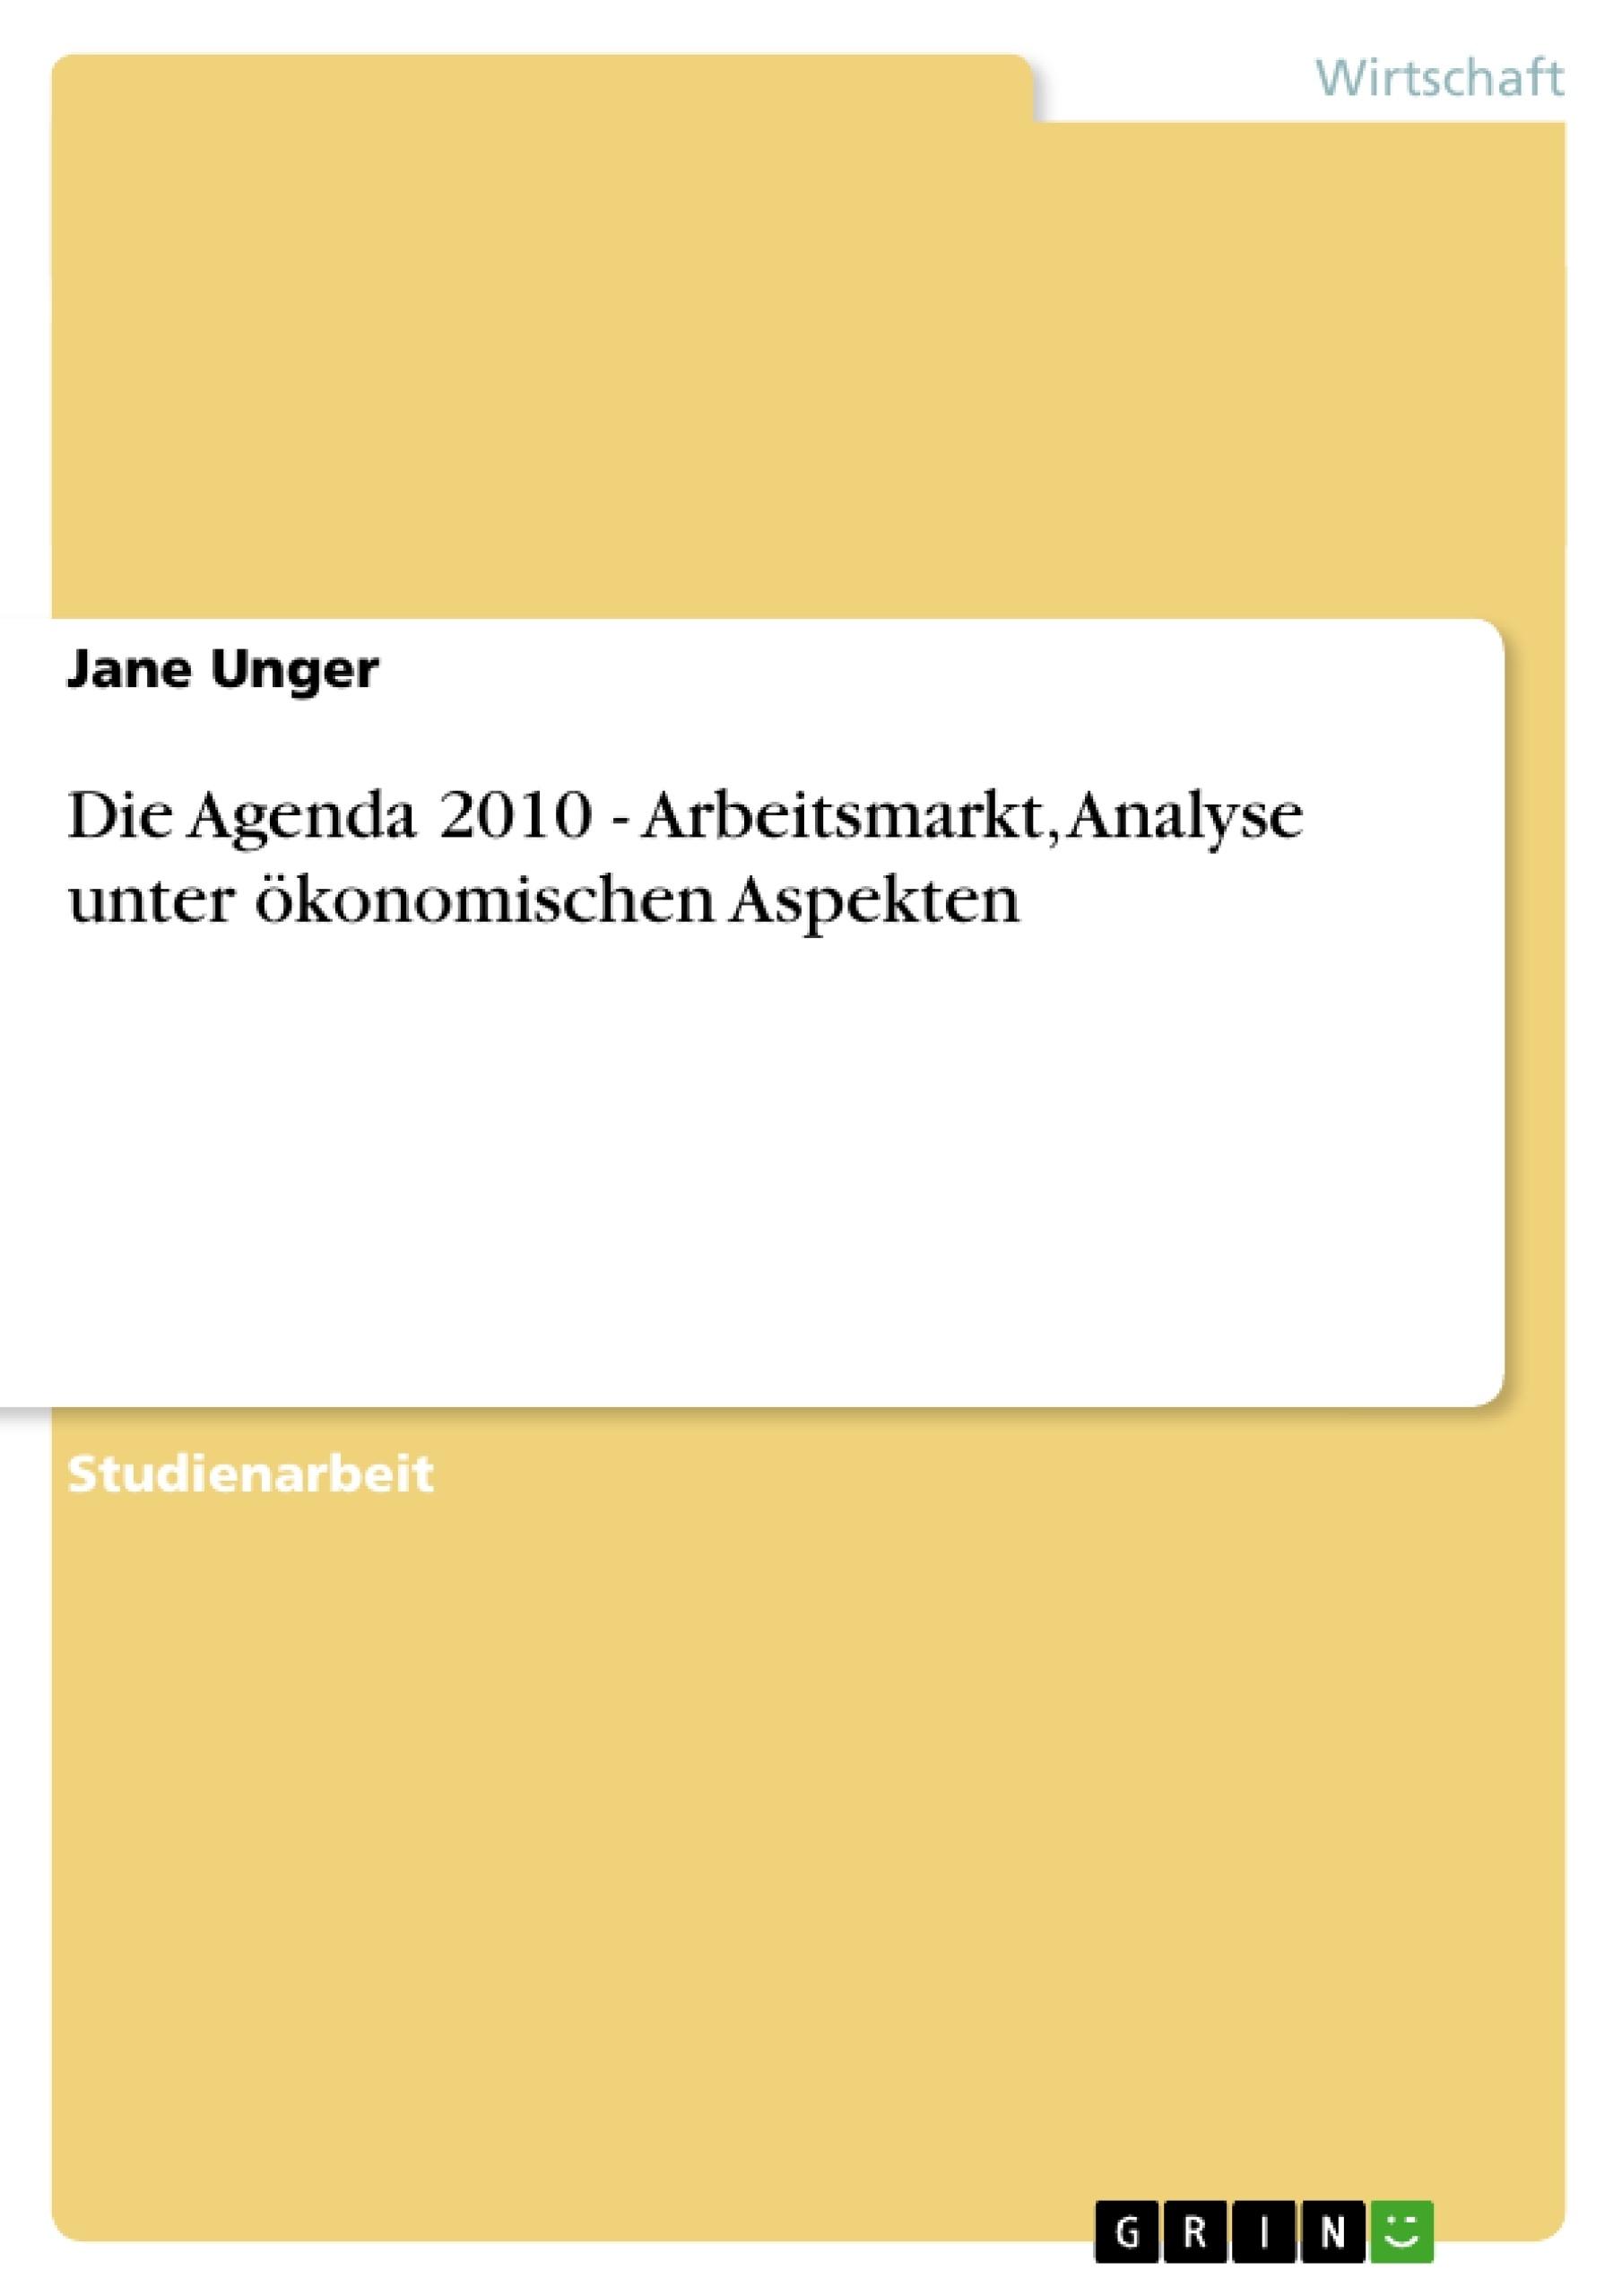 Titel: Die Agenda 2010 - Arbeitsmarkt, Analyse unter ökonomischen Aspekten